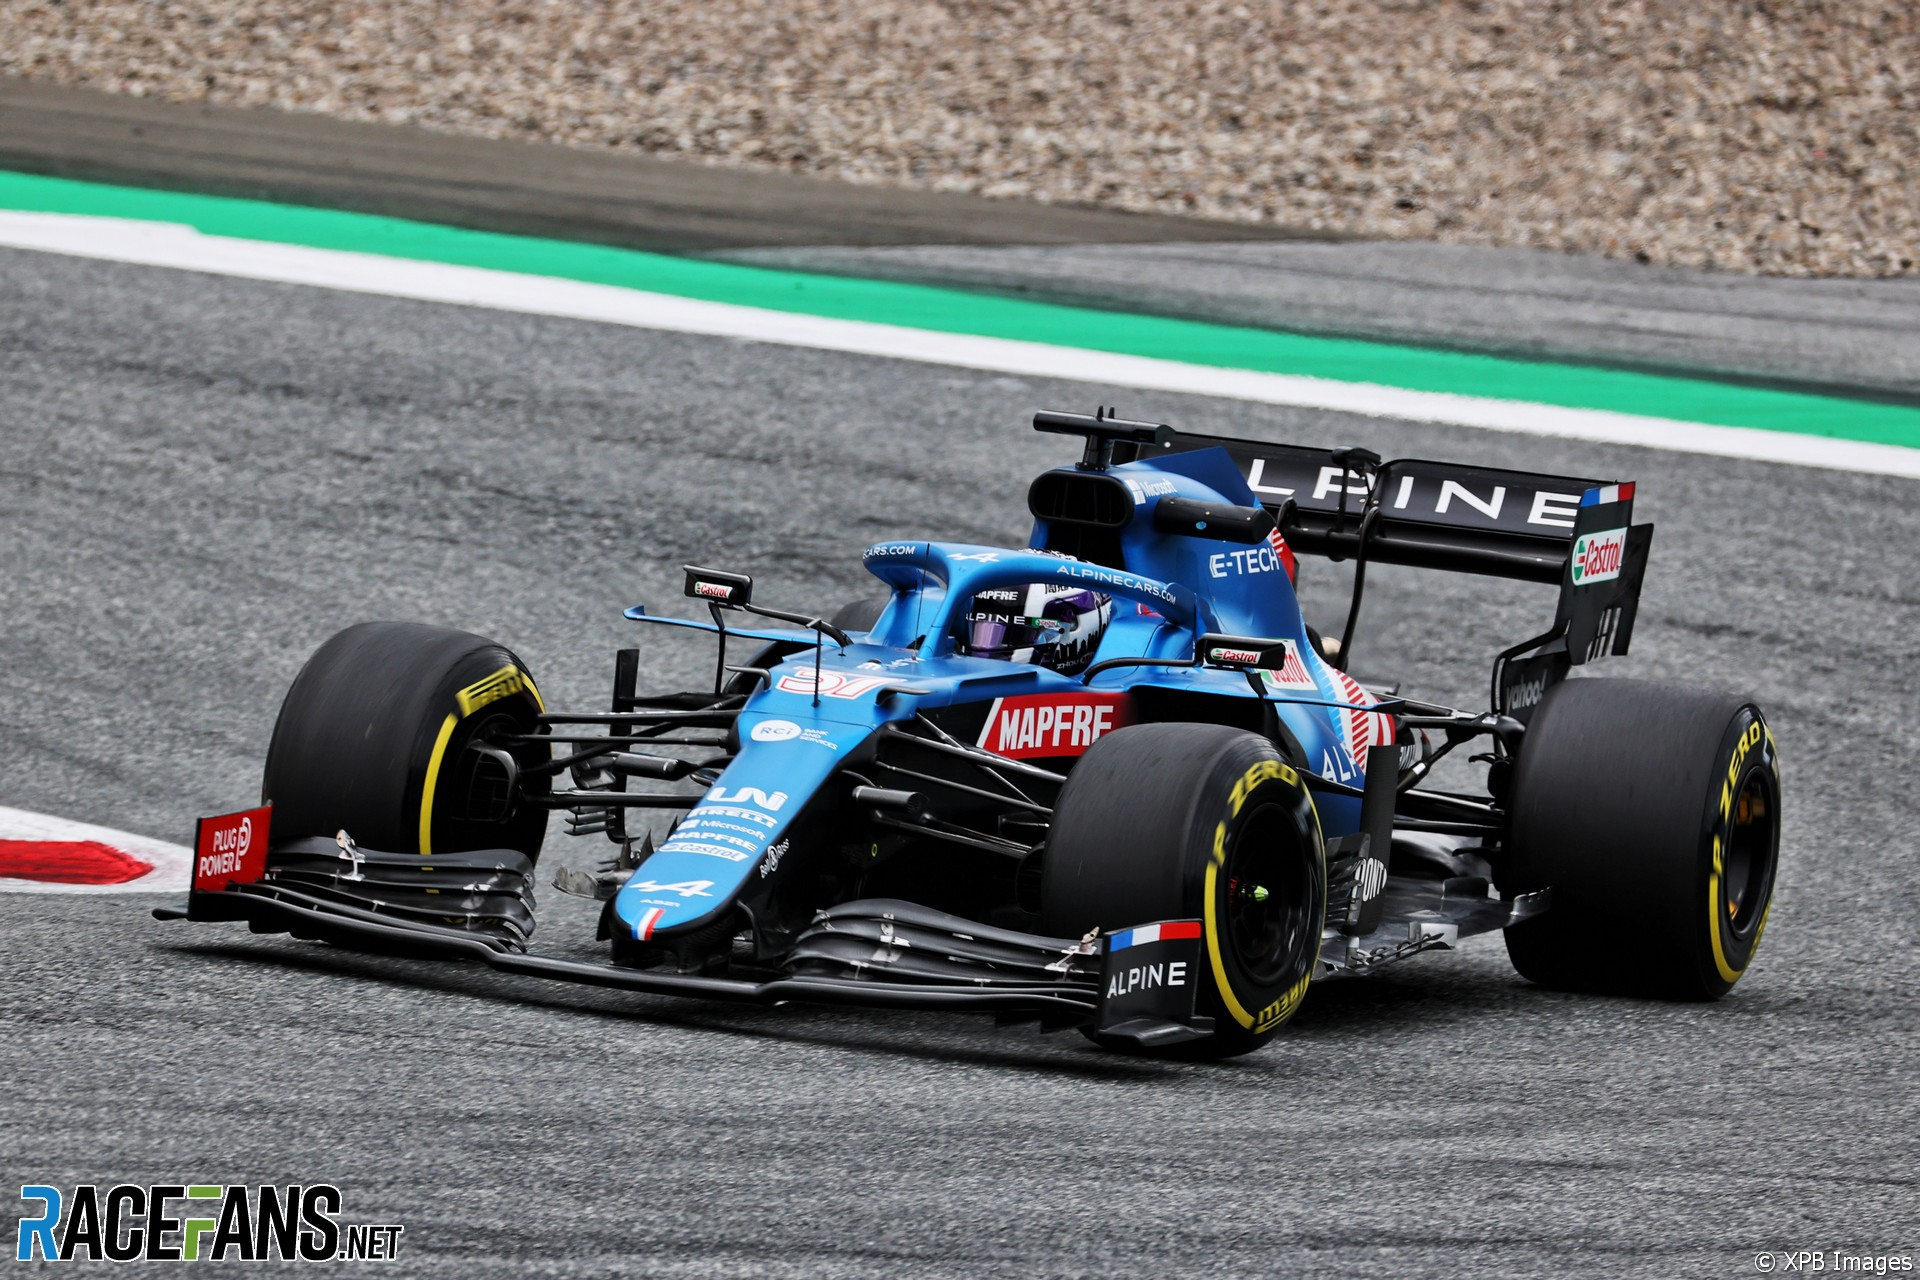 Guanyu Zhou, Alpine, Red Bull Ring, 2021 · RaceFans